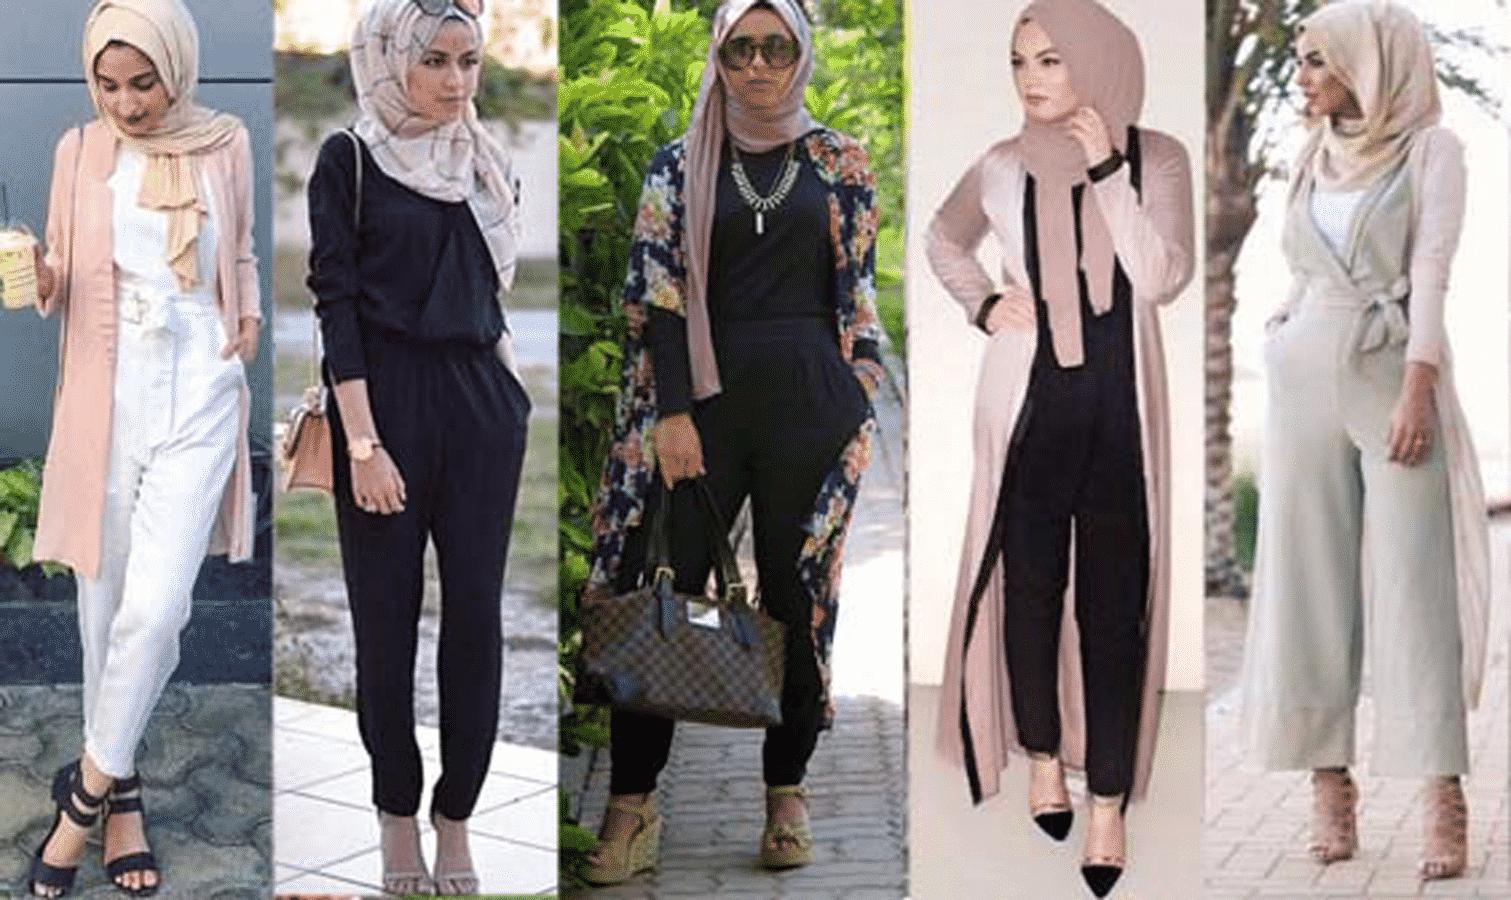 أفضل تصميمات لملابس المحجبات للمناسبات جامدة